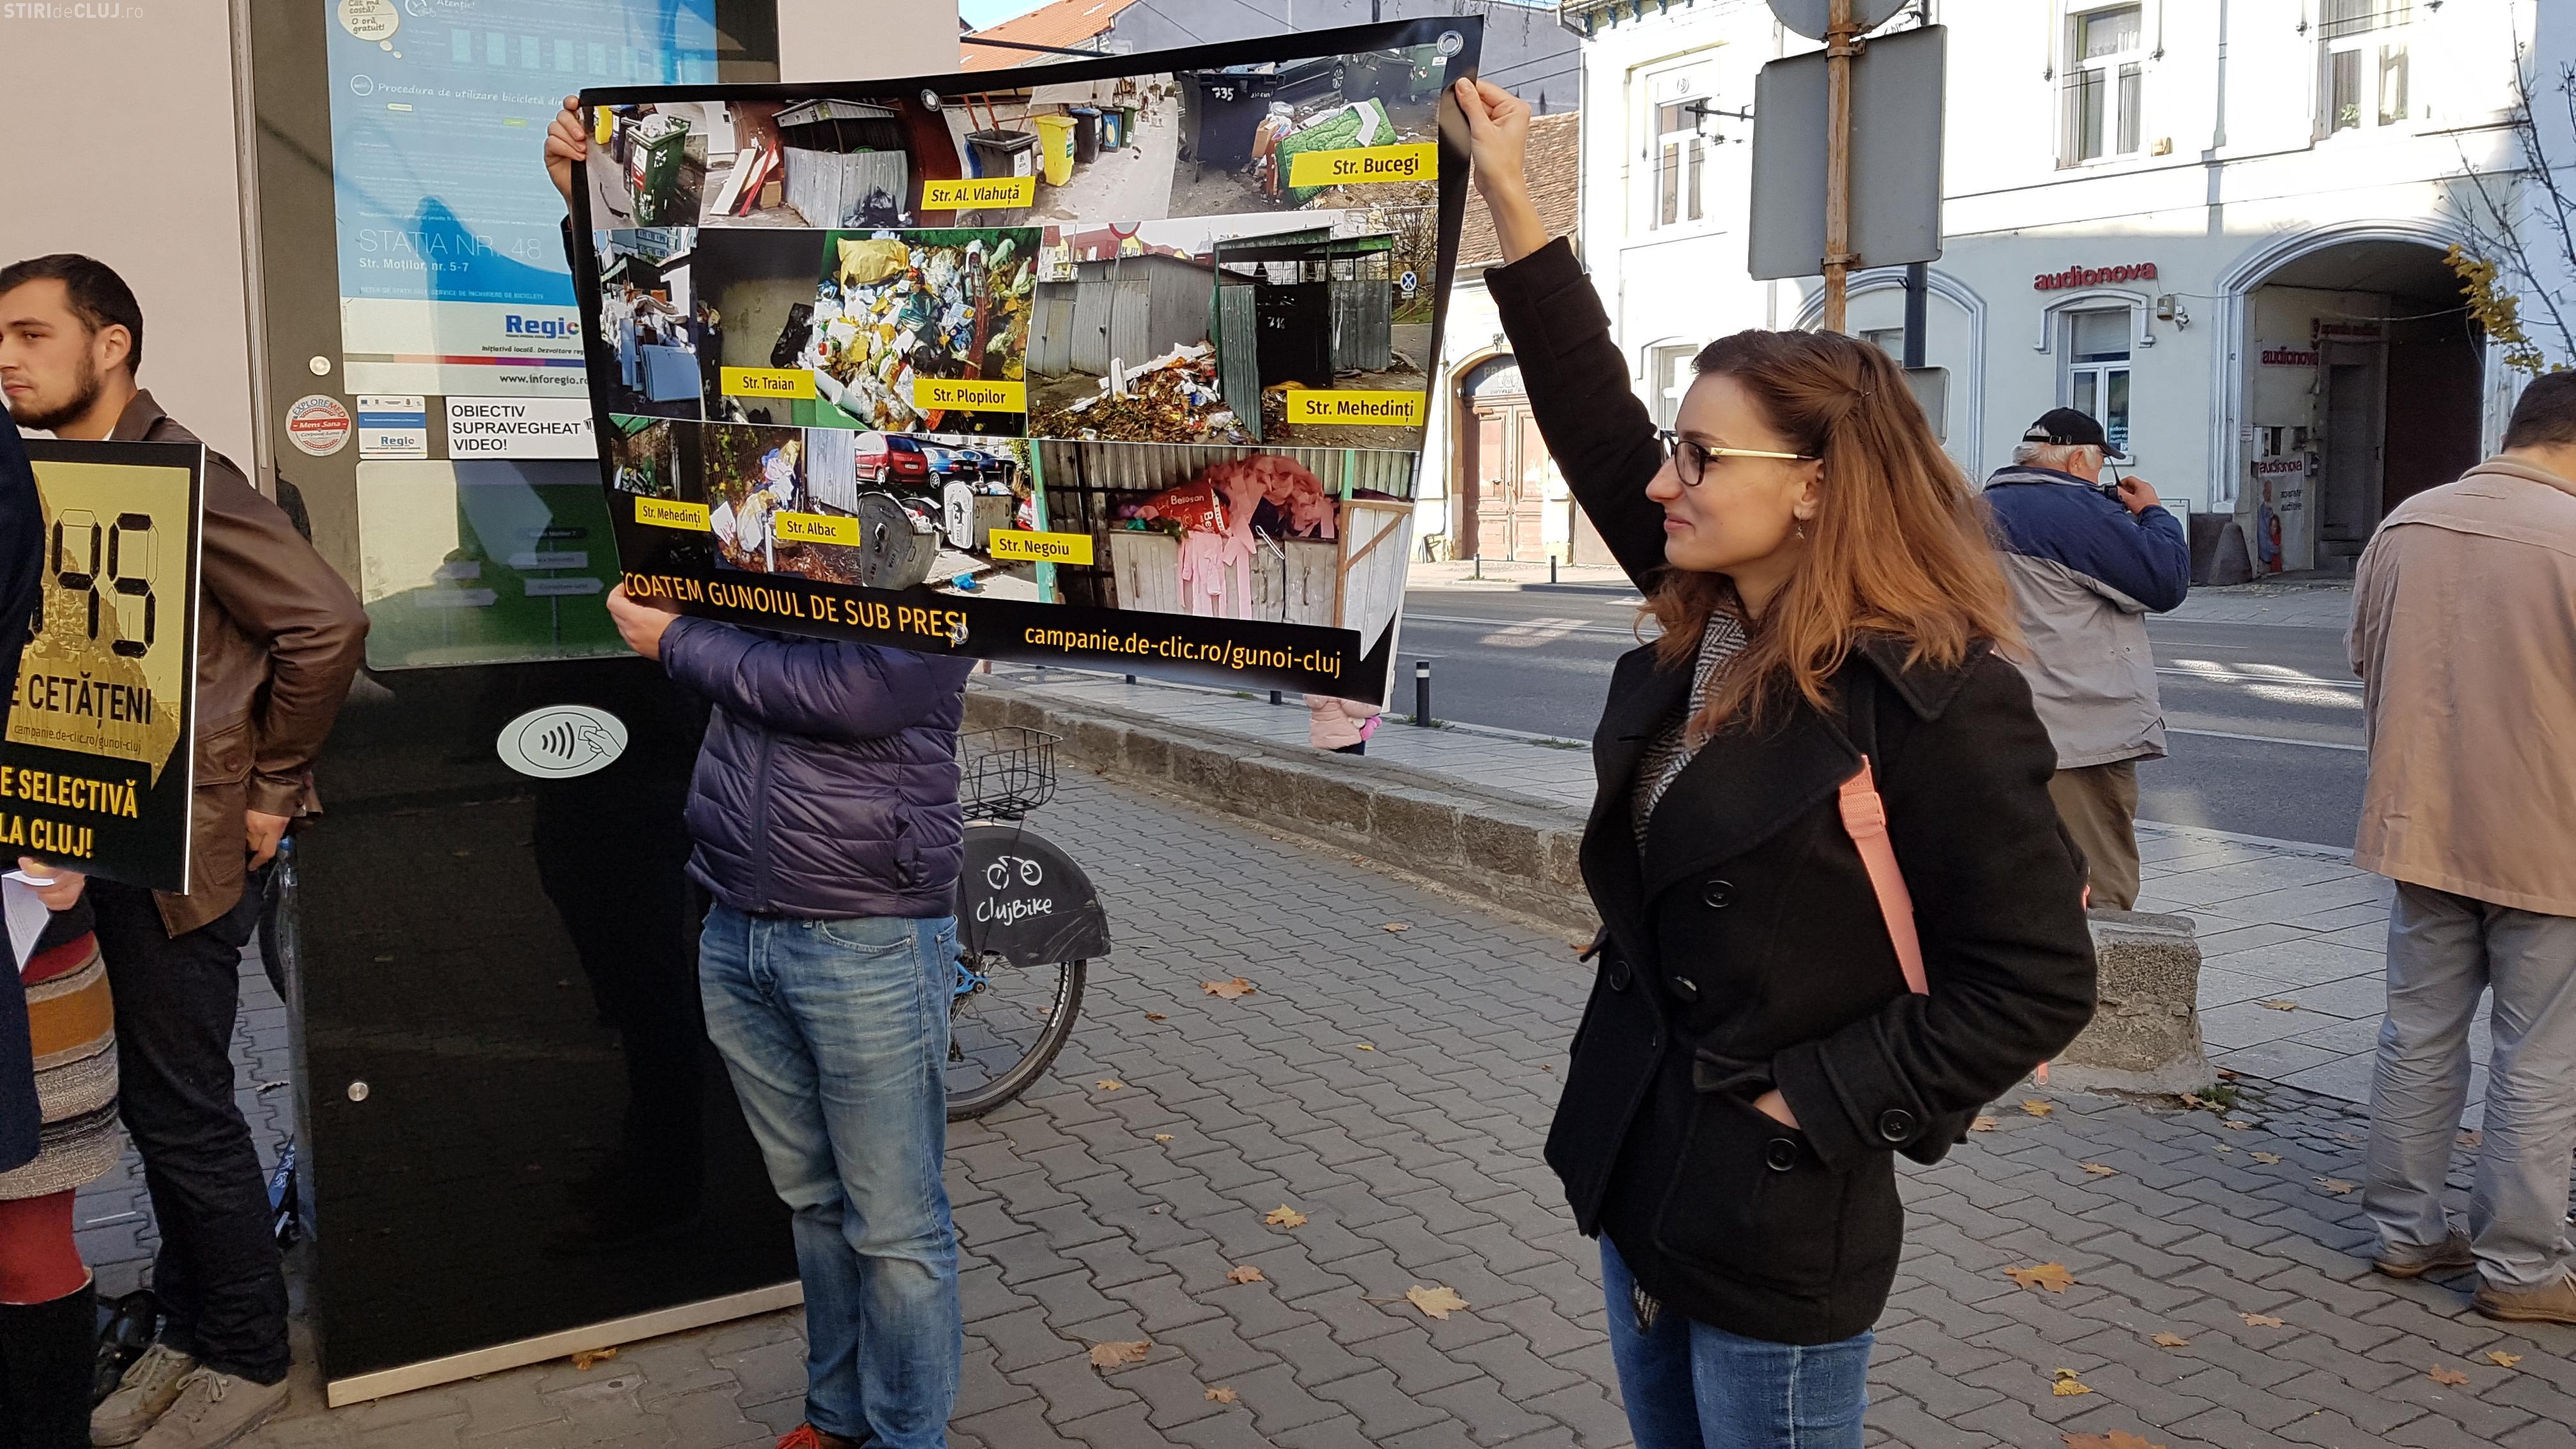 """Protest la Primăria Cluj pentru colectare selectivă (VIDEO): """"Vrem colectare selectivă reală la Cluj! Scoatem gunoiul de sub preș!"""""""